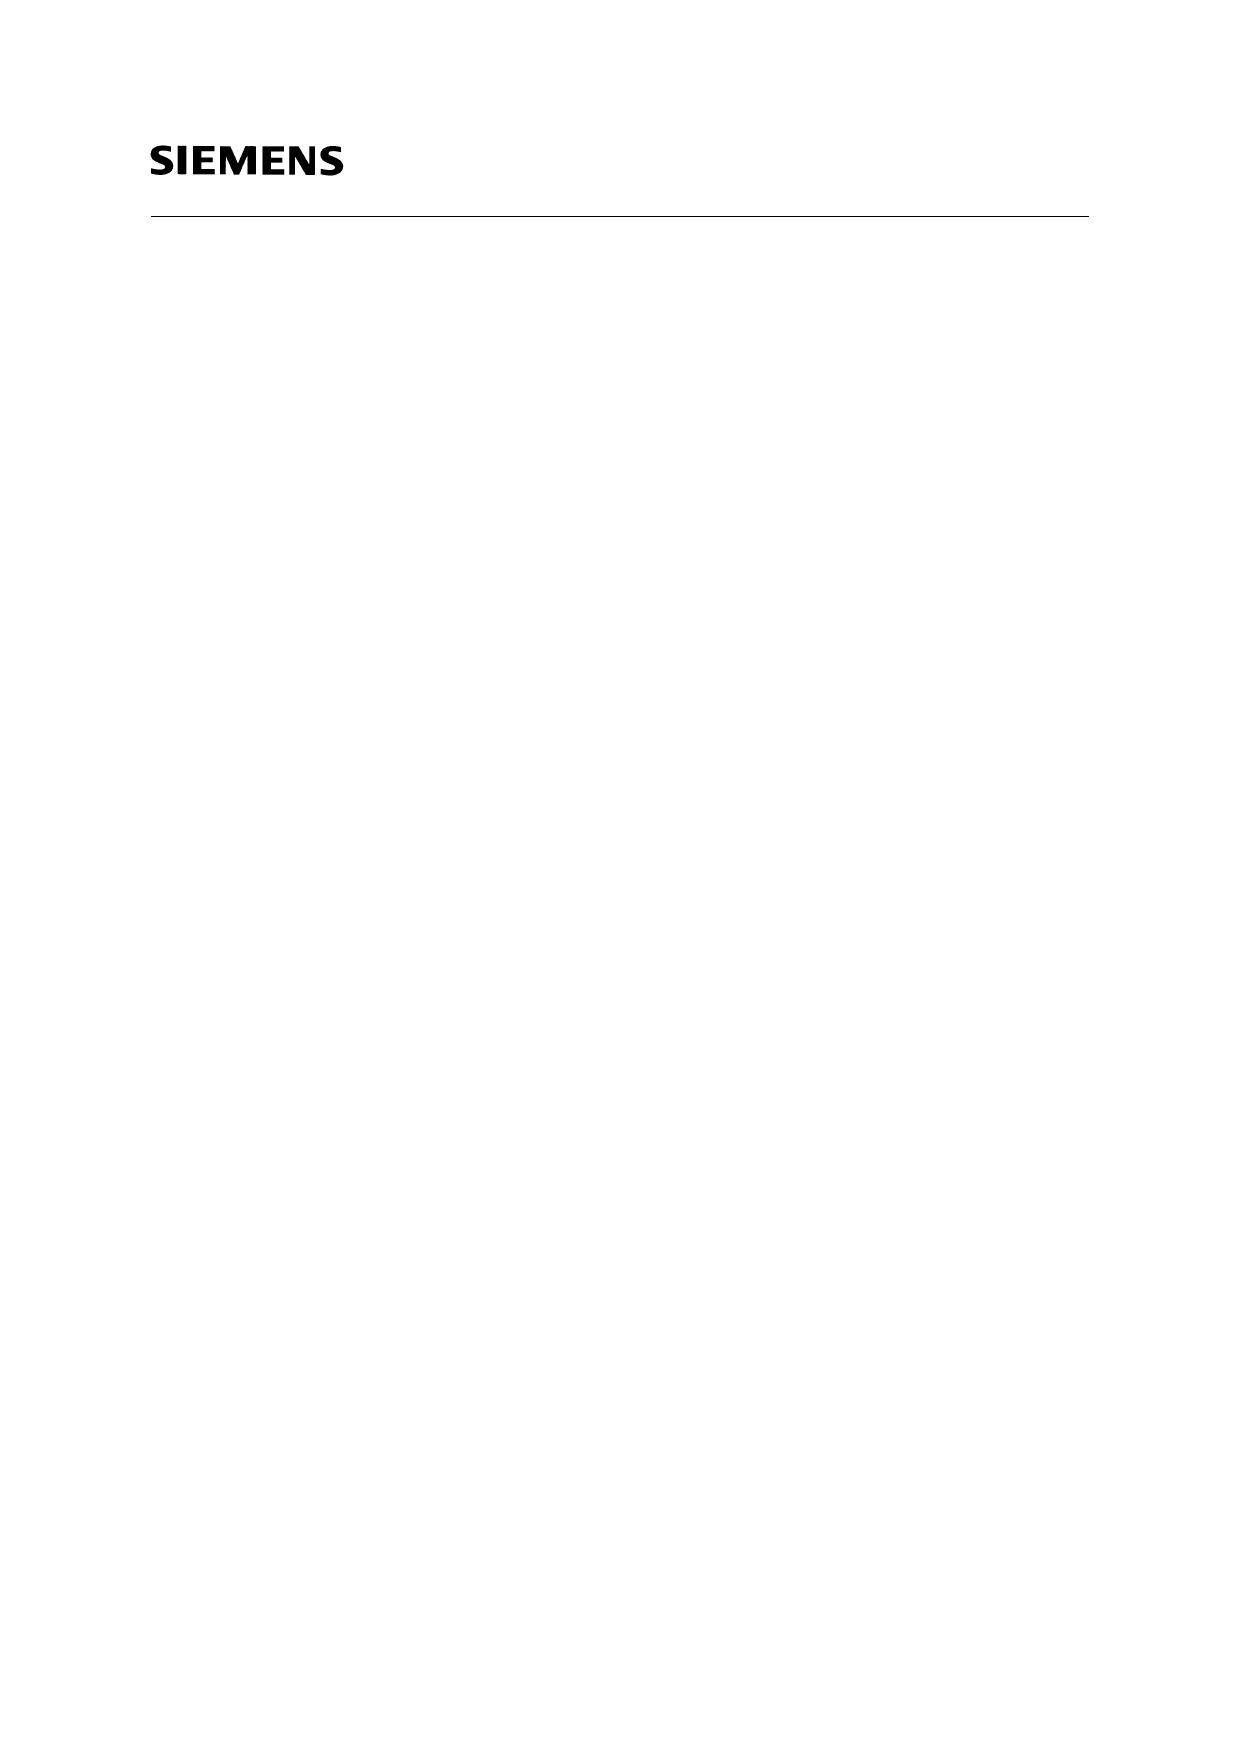 Q-67106-H6514 Даташит, Описание, Даташиты